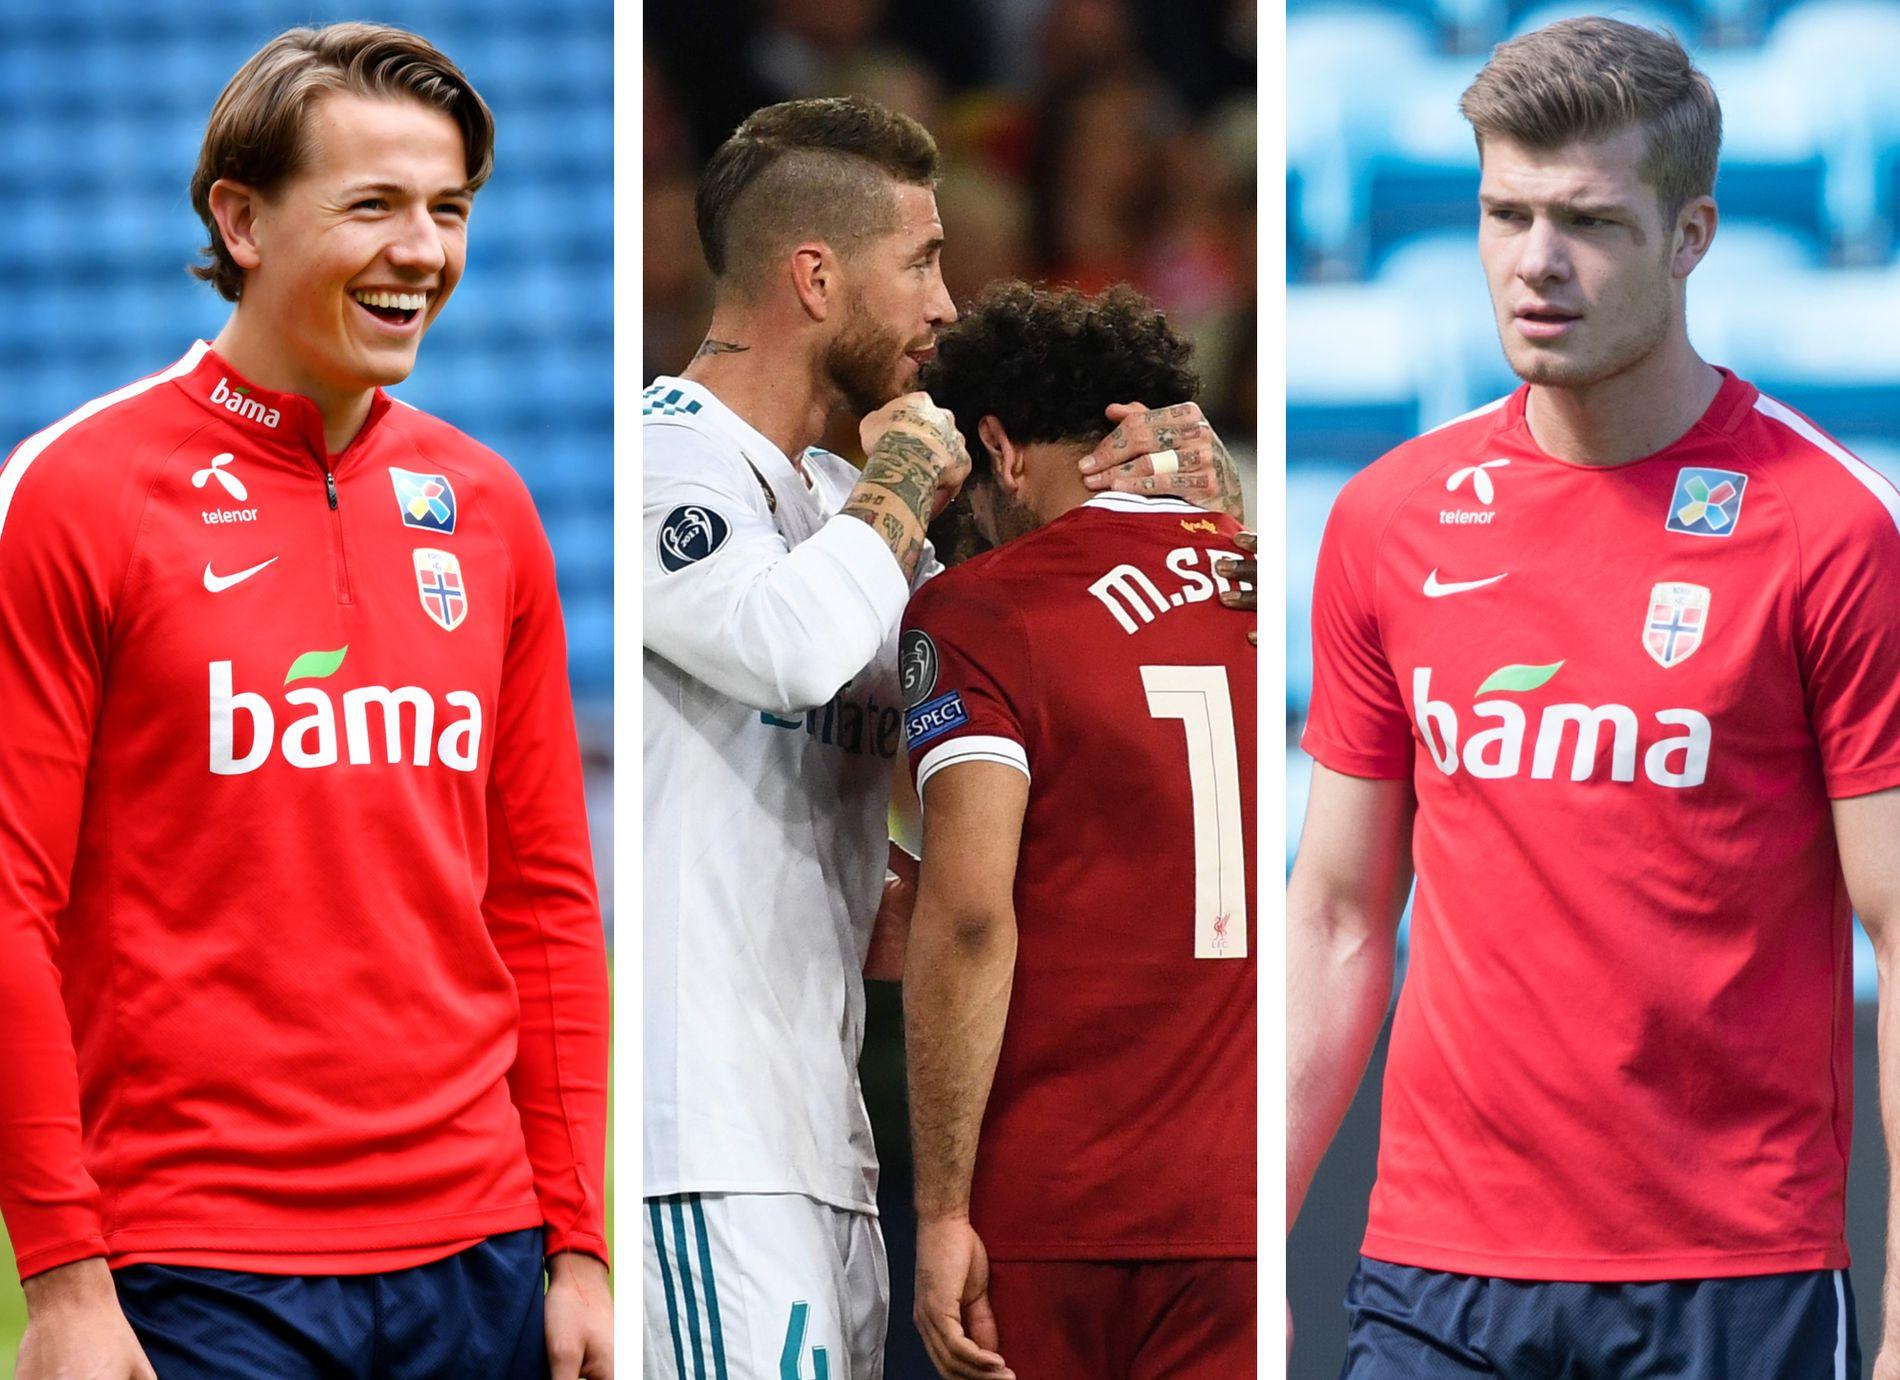 STØTTER RAMOS: Både Sander Berge (t.v.) og Alexander Sørloth (t.h.) mener norske spillere heller burde lære av Sergio Ramos istedenfor